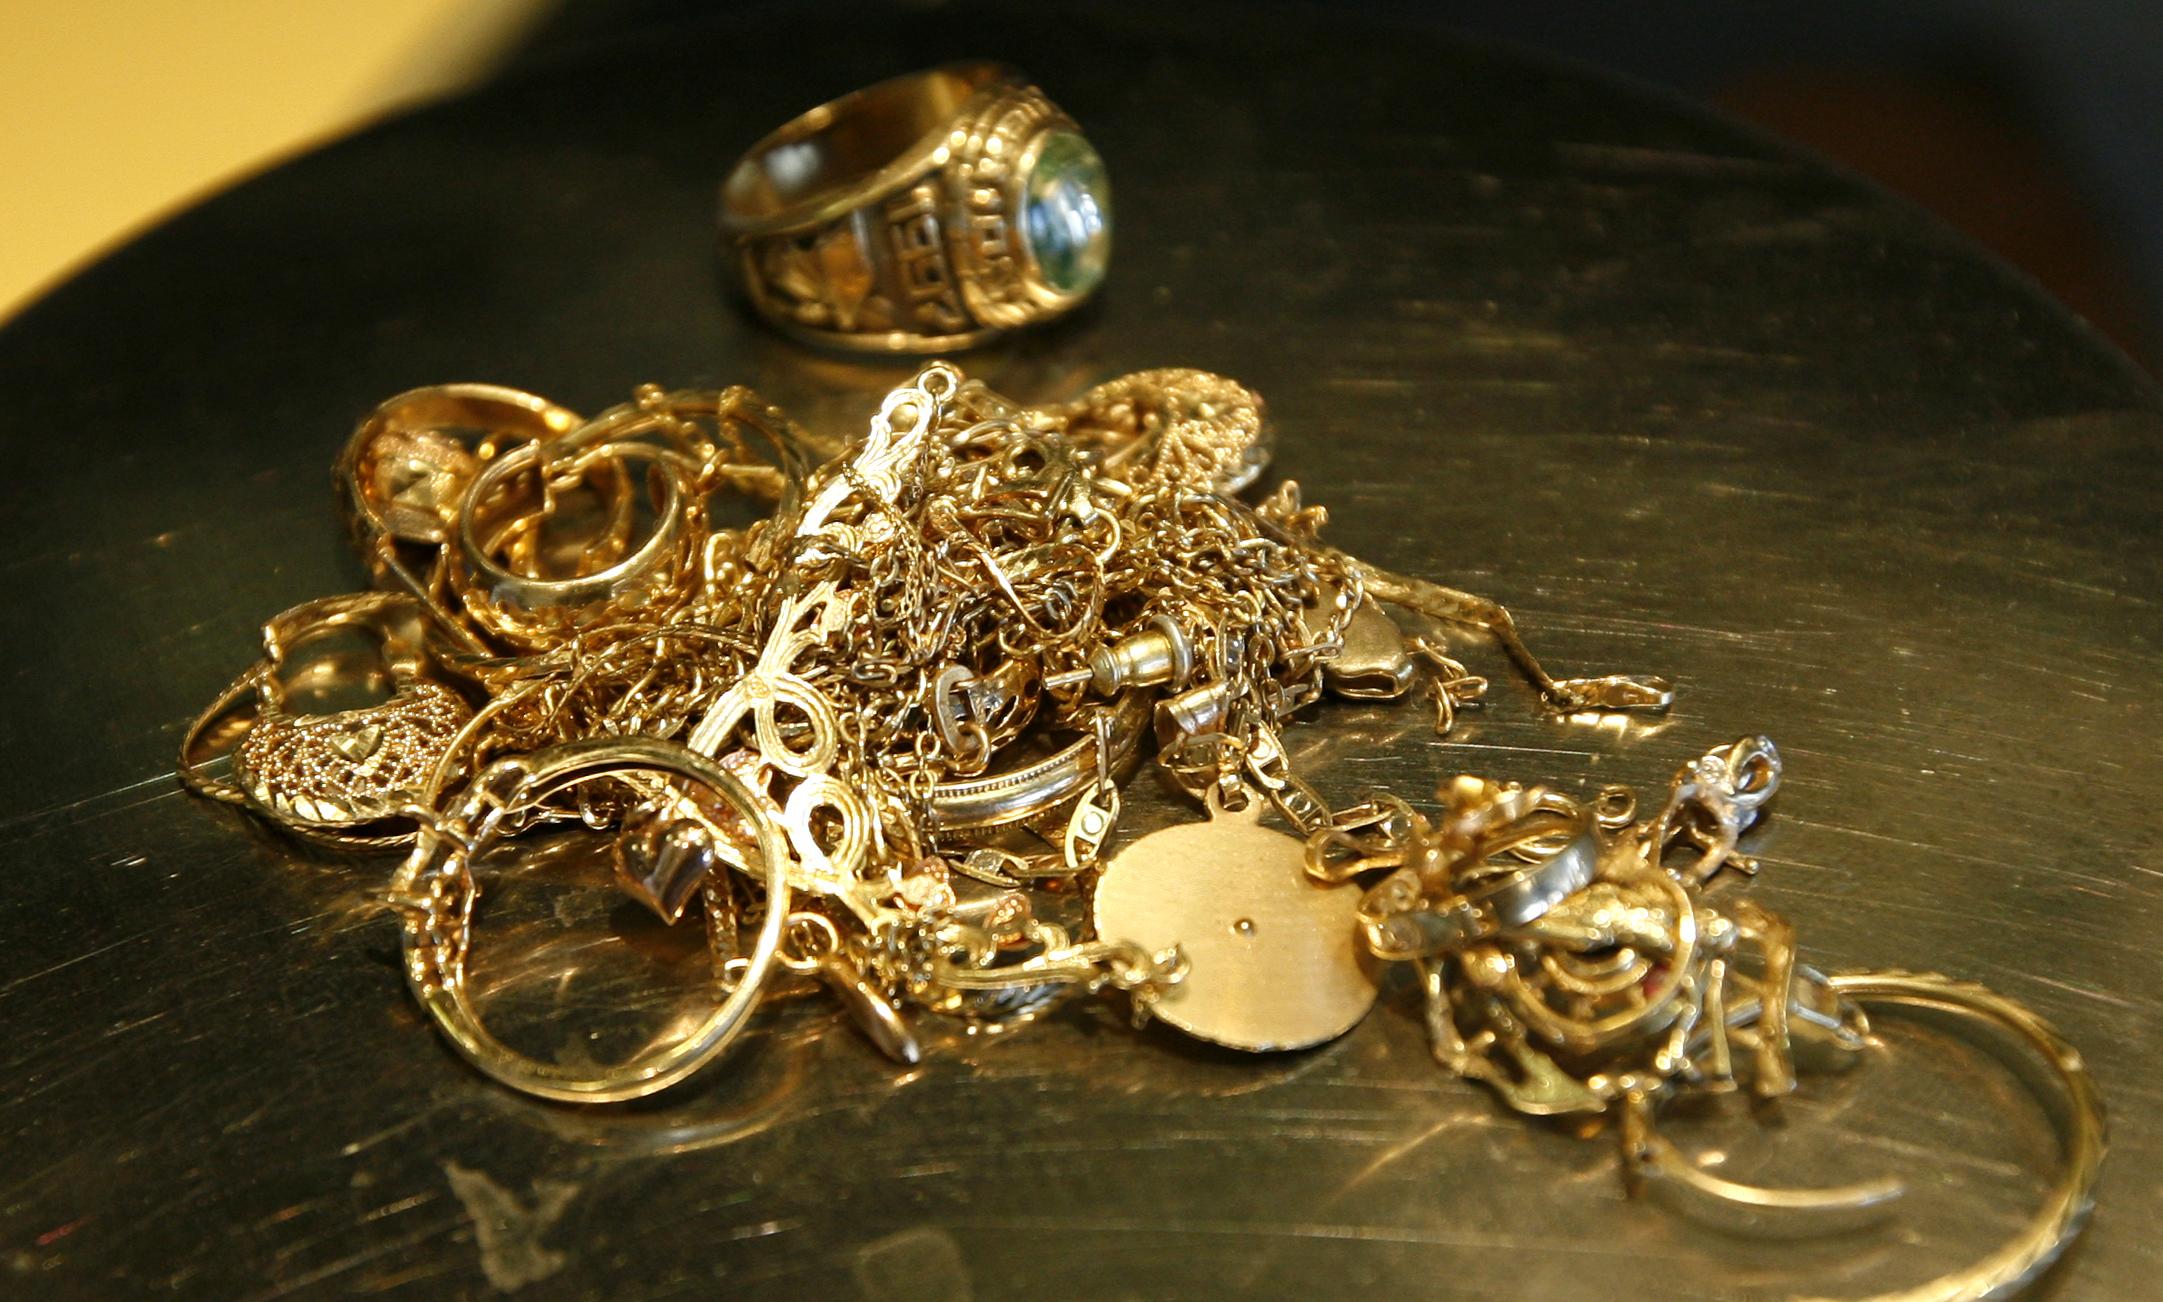 услуги фото золотых изделий из ломбарда некоторых плитках изображены